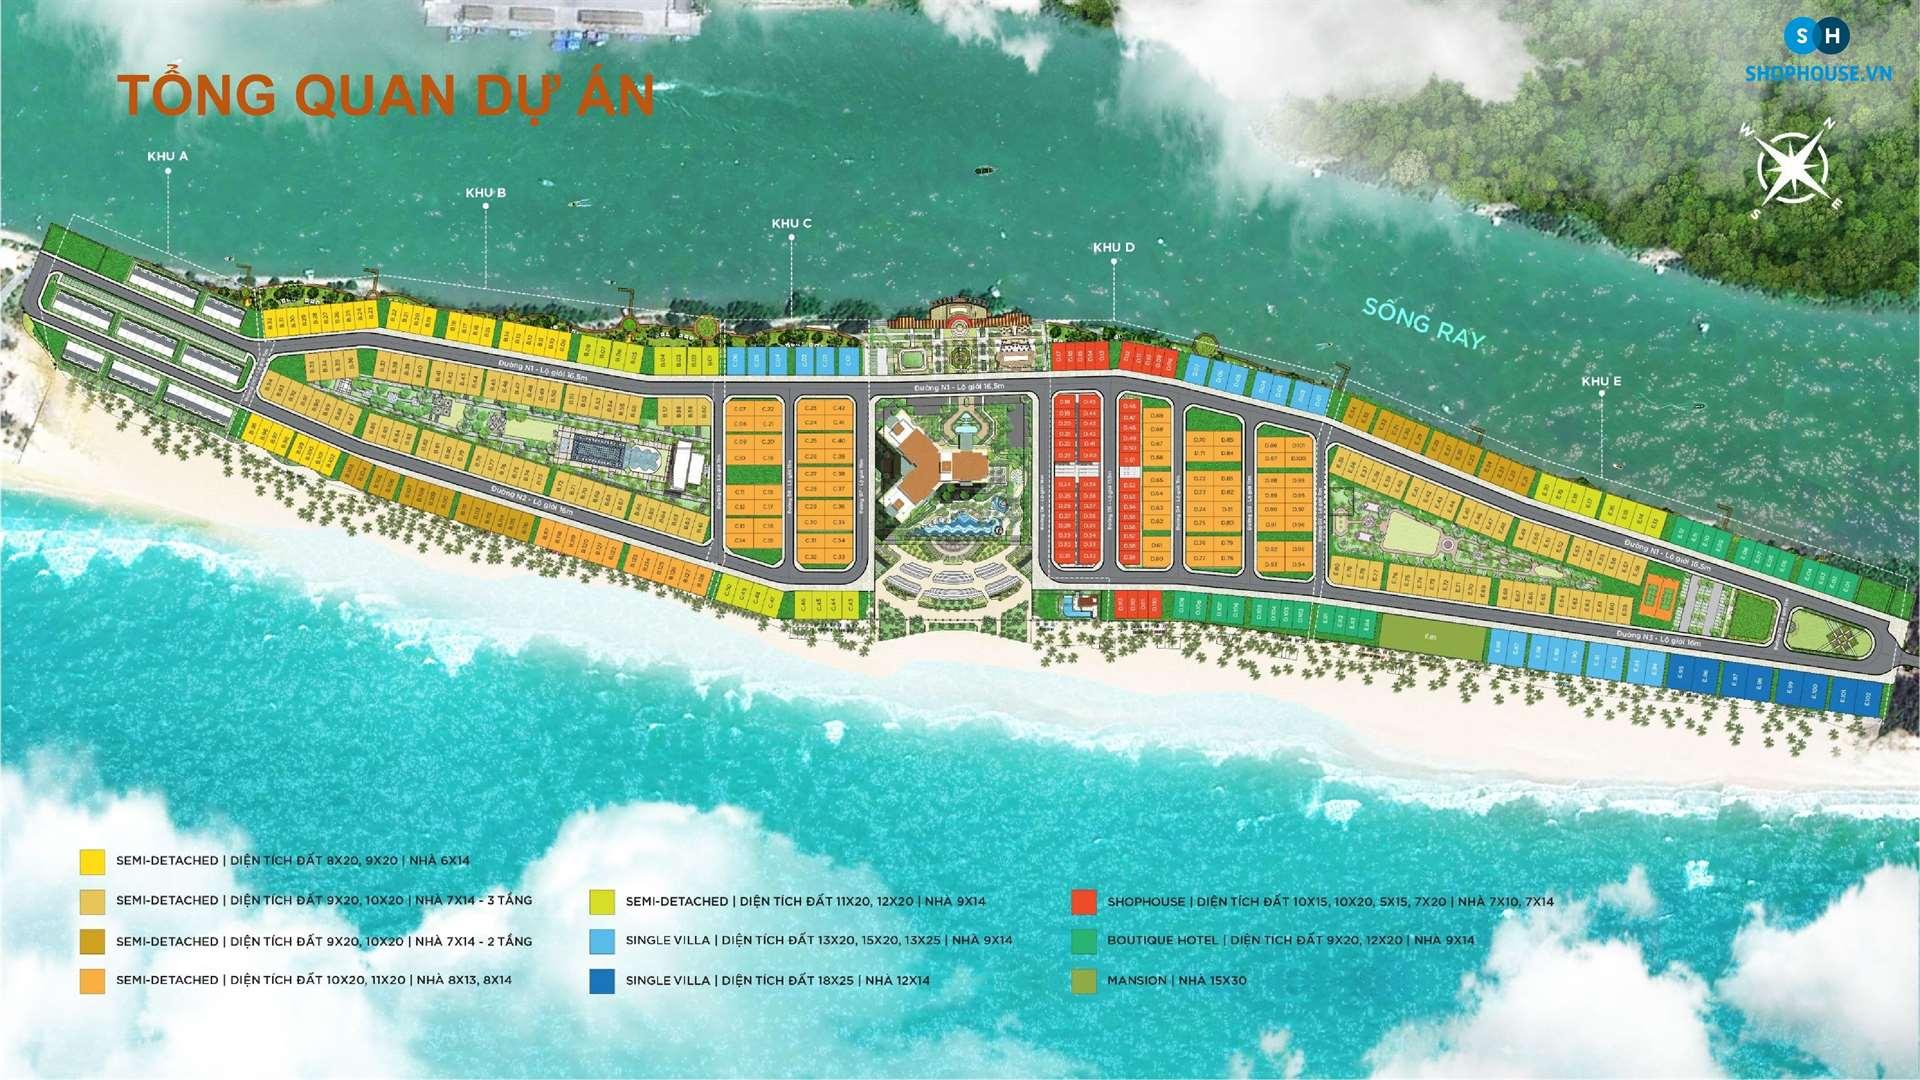 mat-bang-tang-chi-tiet-Habana-island-NovaWorld-Ho-Tram-novaland-dao-2-mat-tien